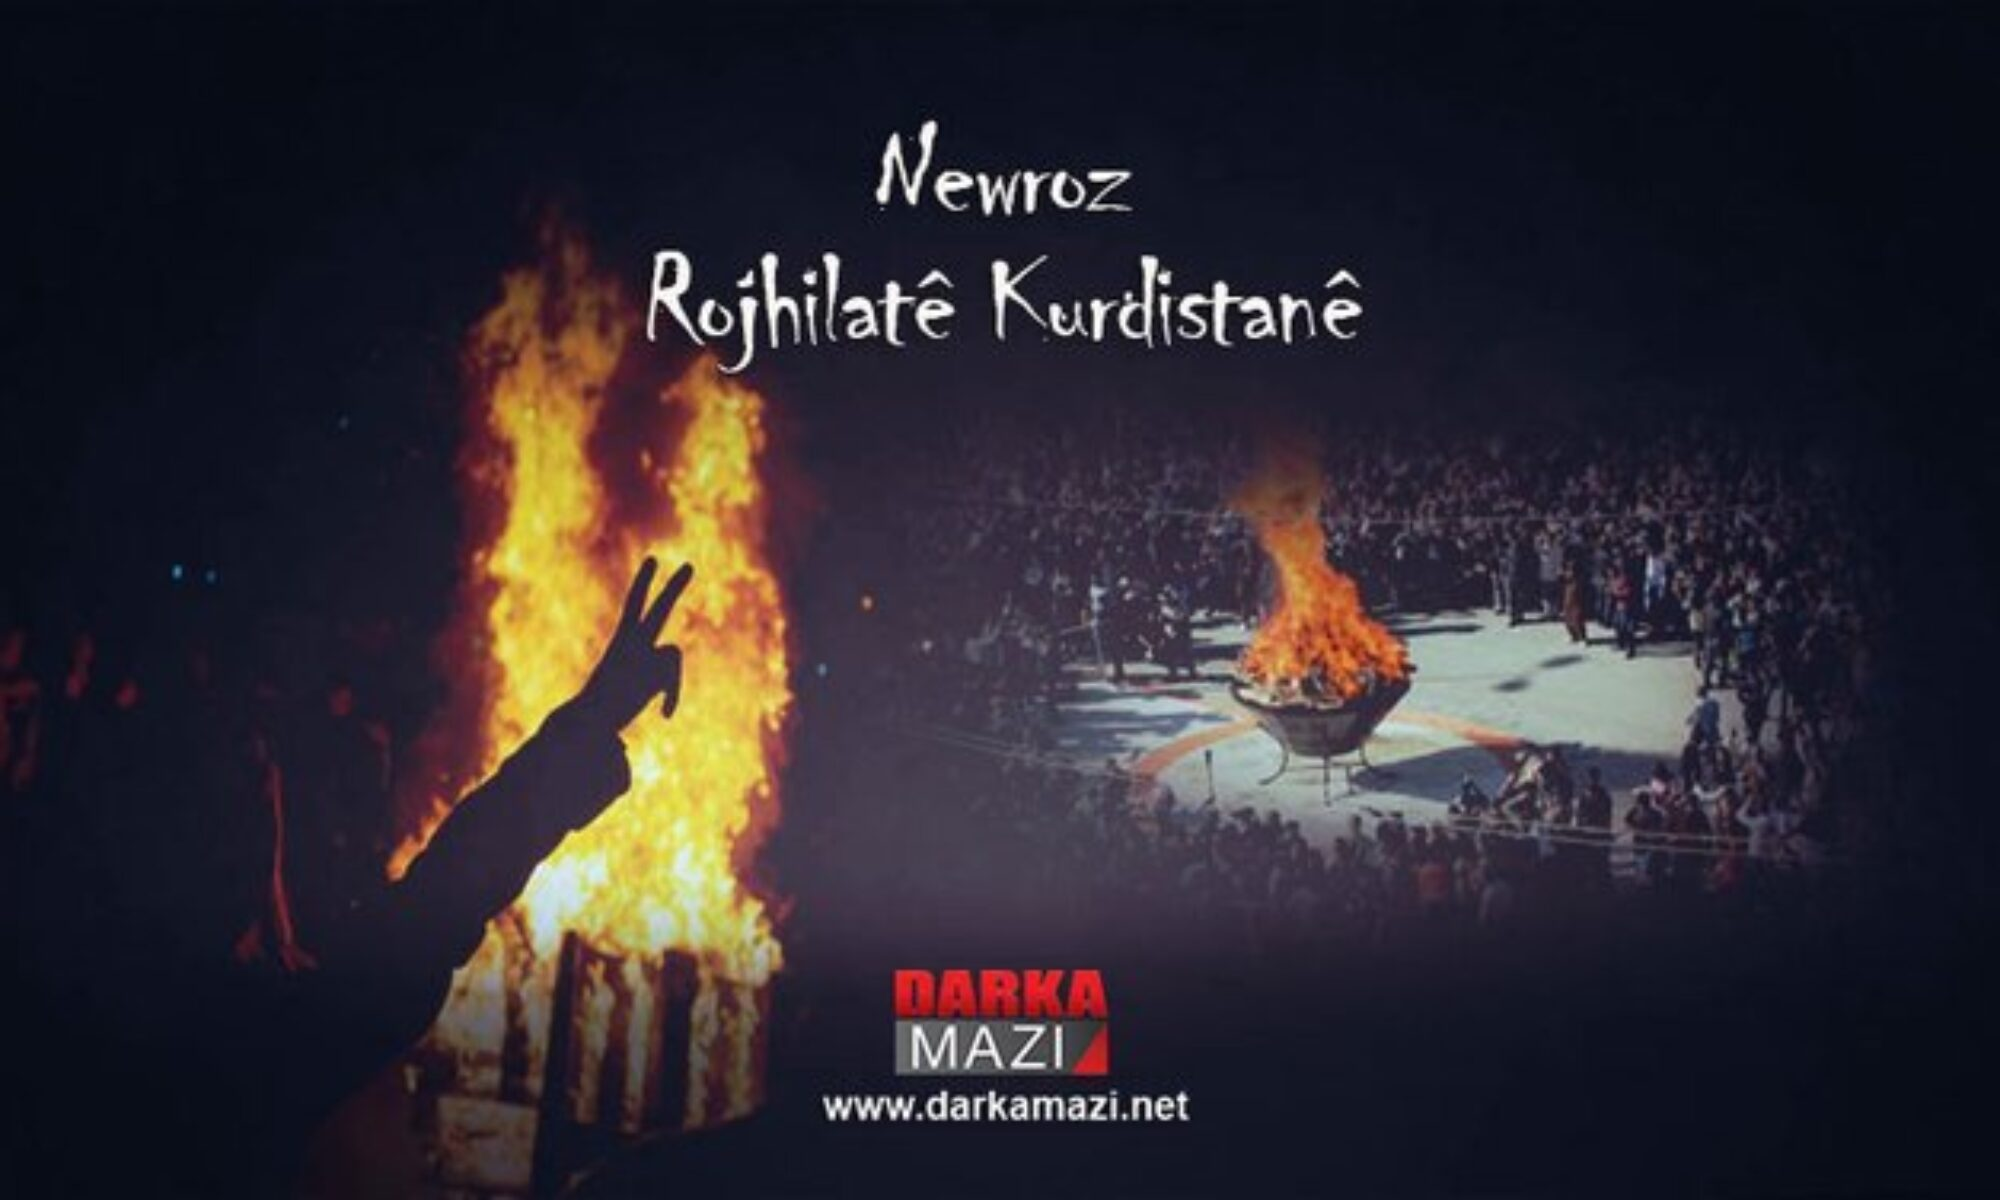 İran devletinin Newroz sonrası tutuklamaları devam ediyor